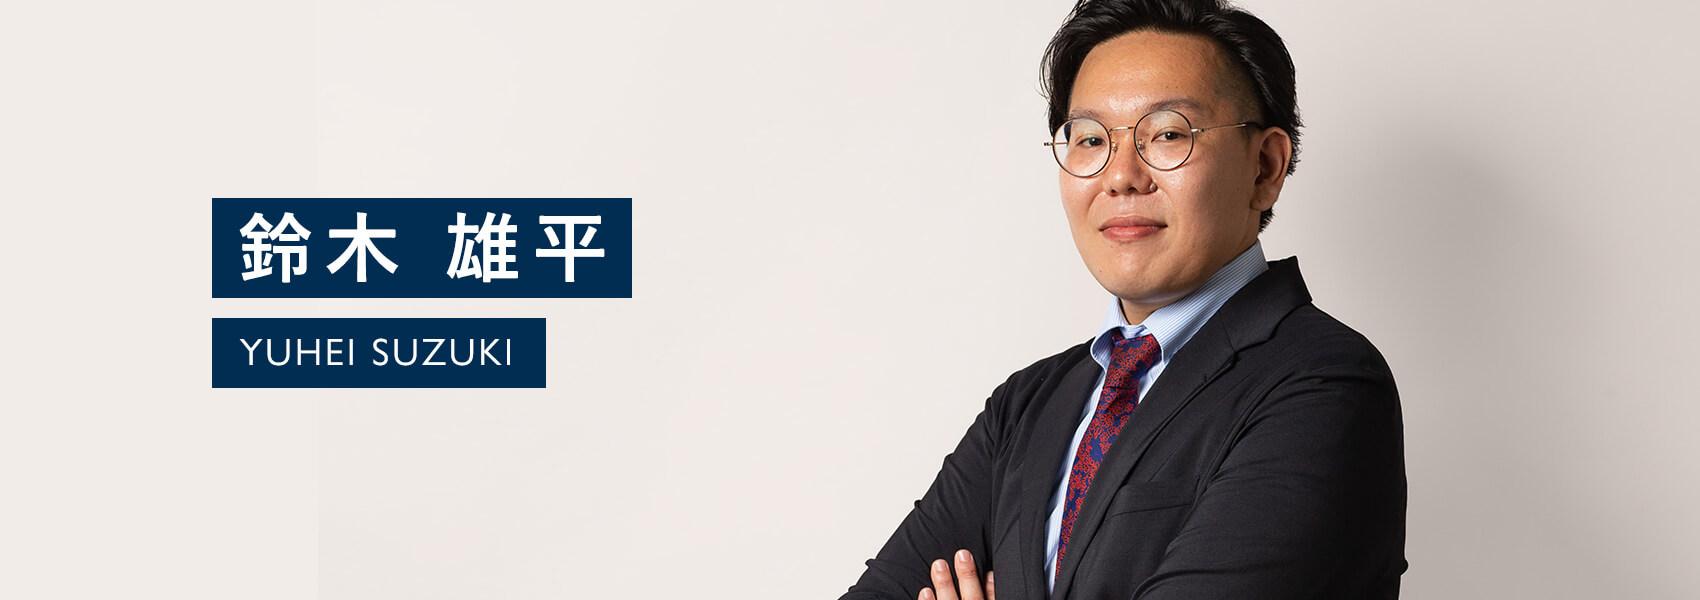 鈴木雄平へのインタビュー